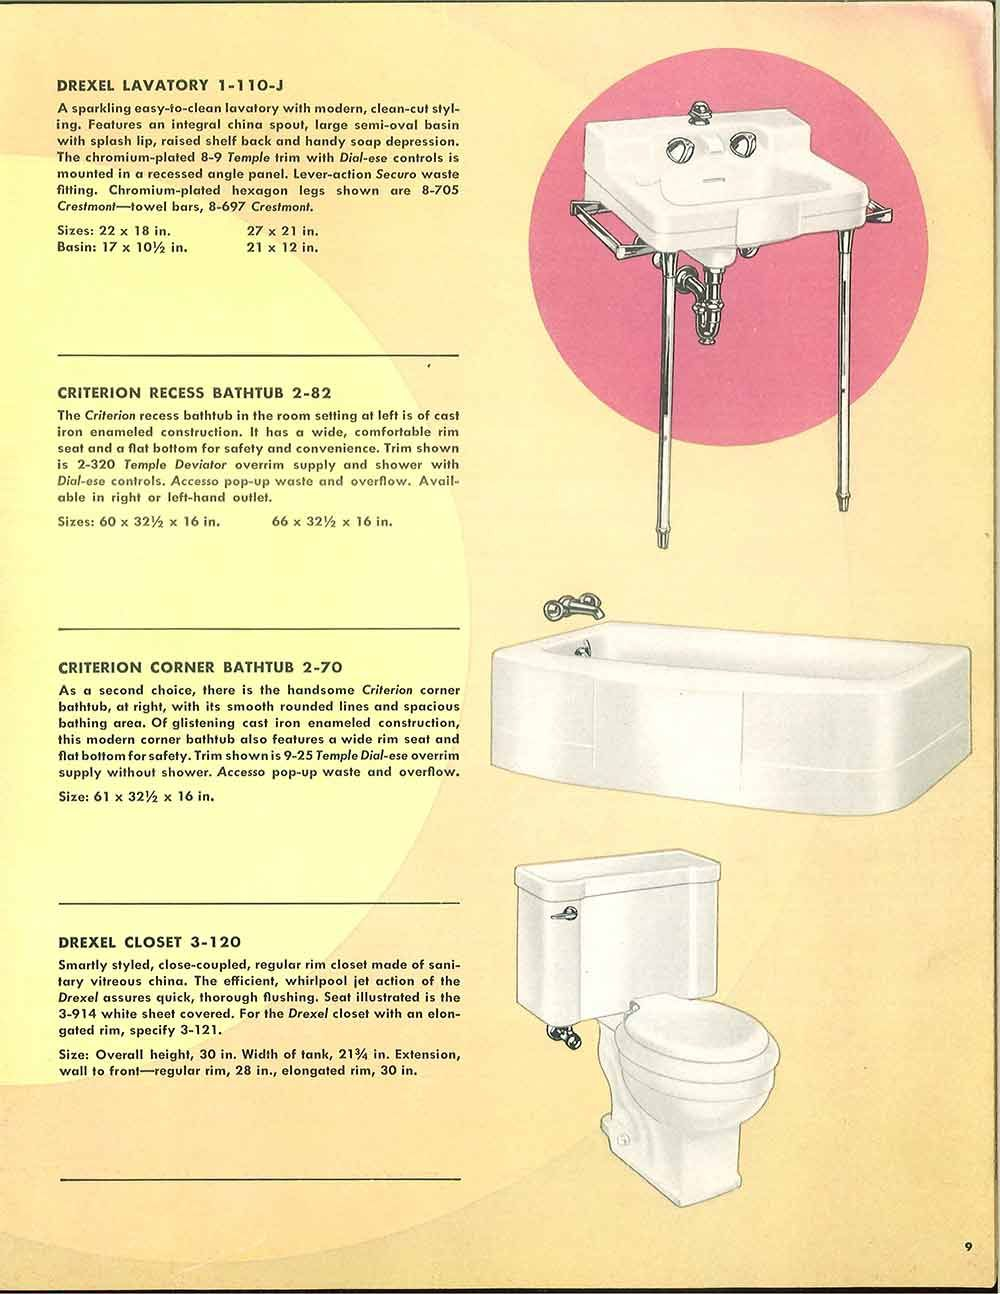 24 pages of vintage bathroom design